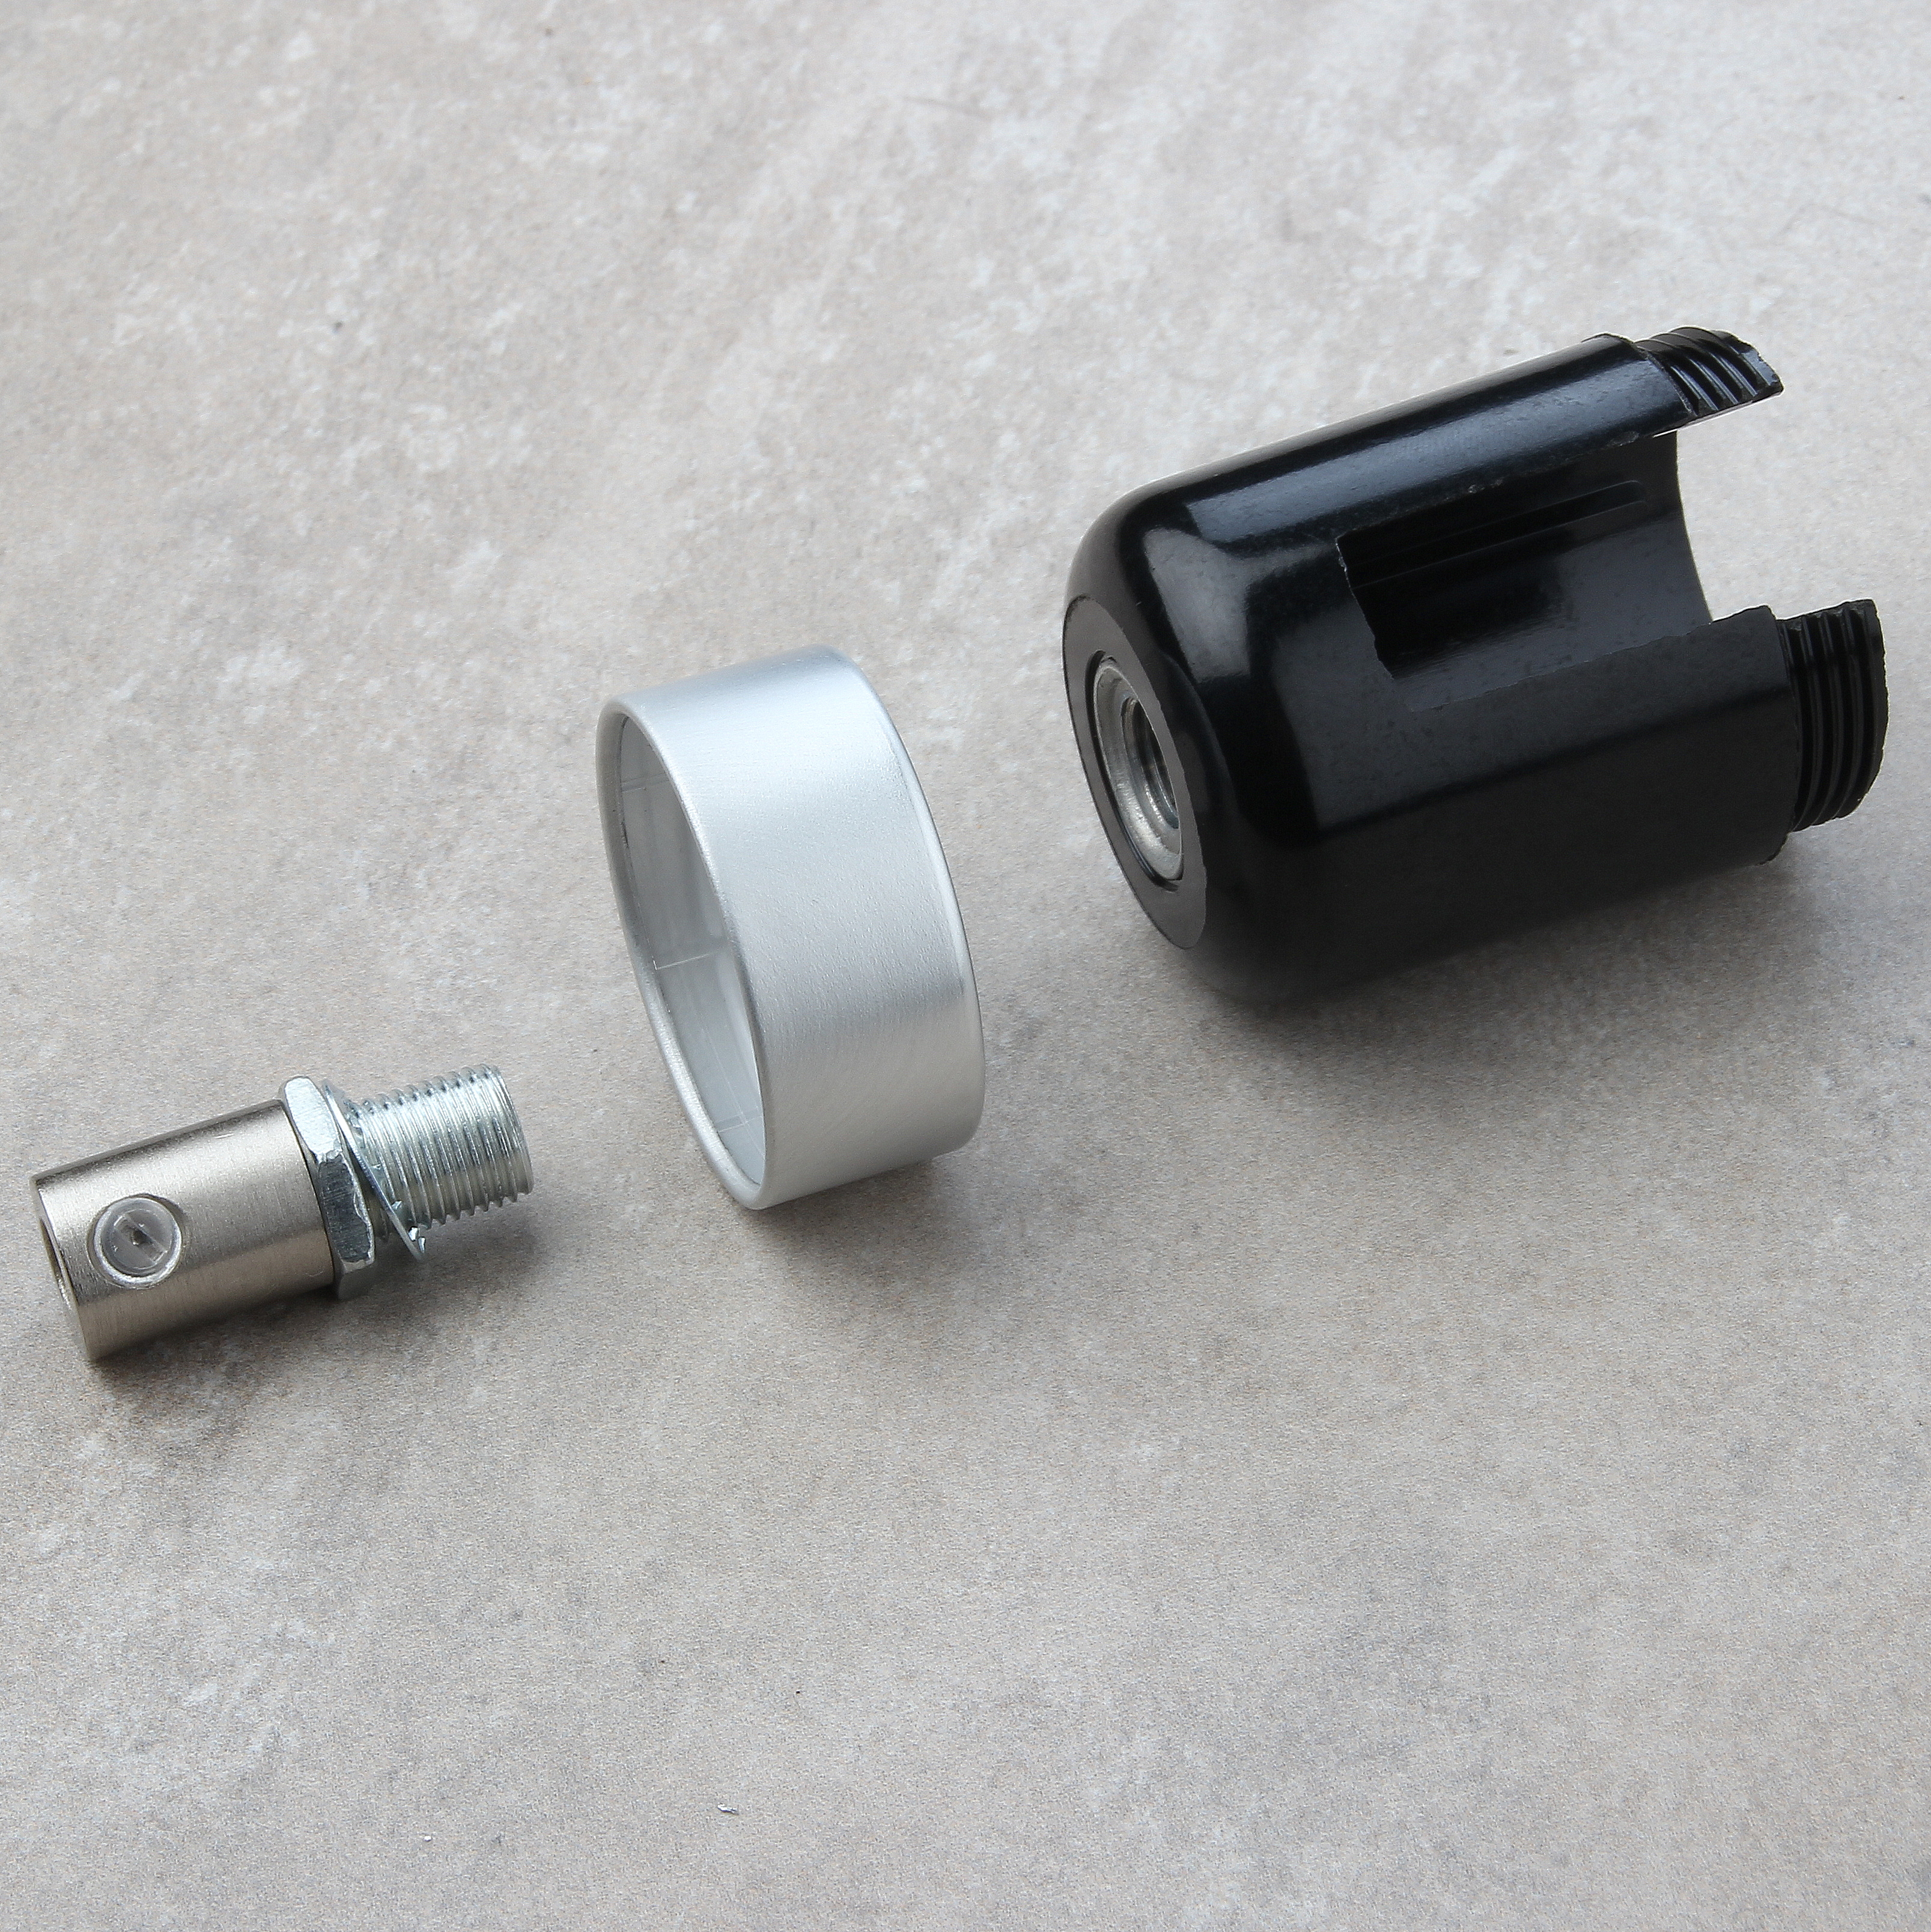 flaschenlampe textilkabel selber bauen 5 diy lampenbau. Black Bedroom Furniture Sets. Home Design Ideas